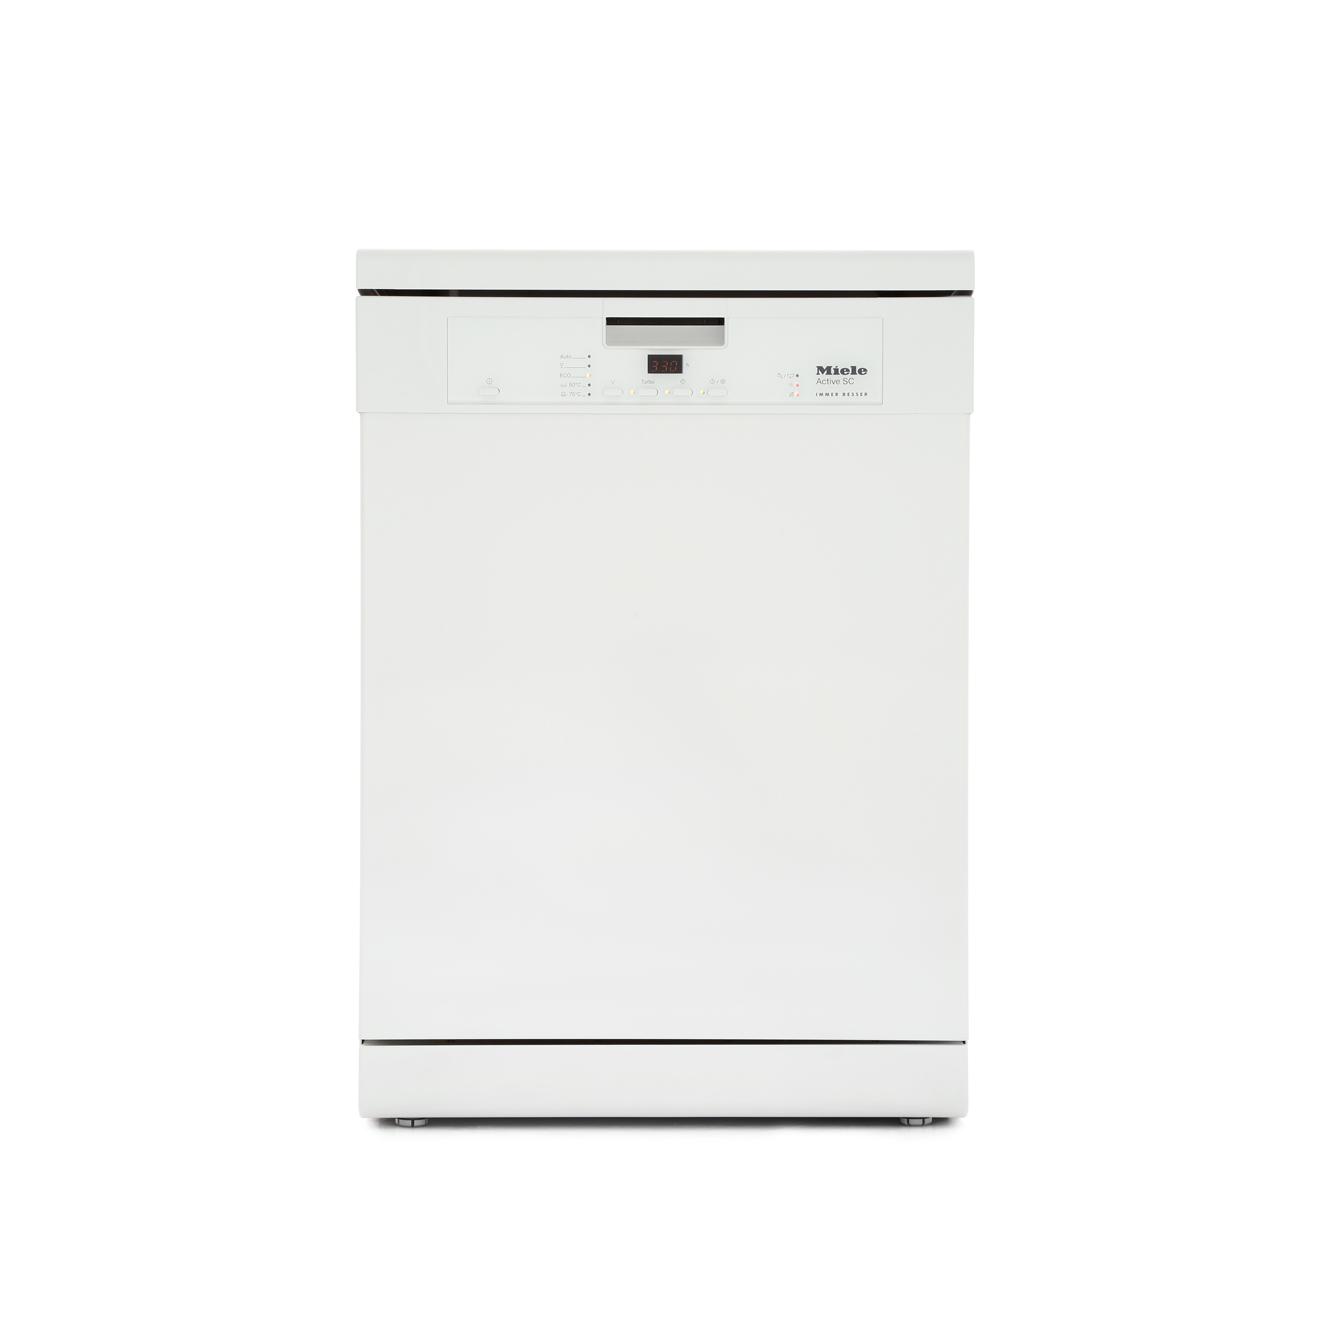 Miele G4203SC Brilliant White Dishwasher